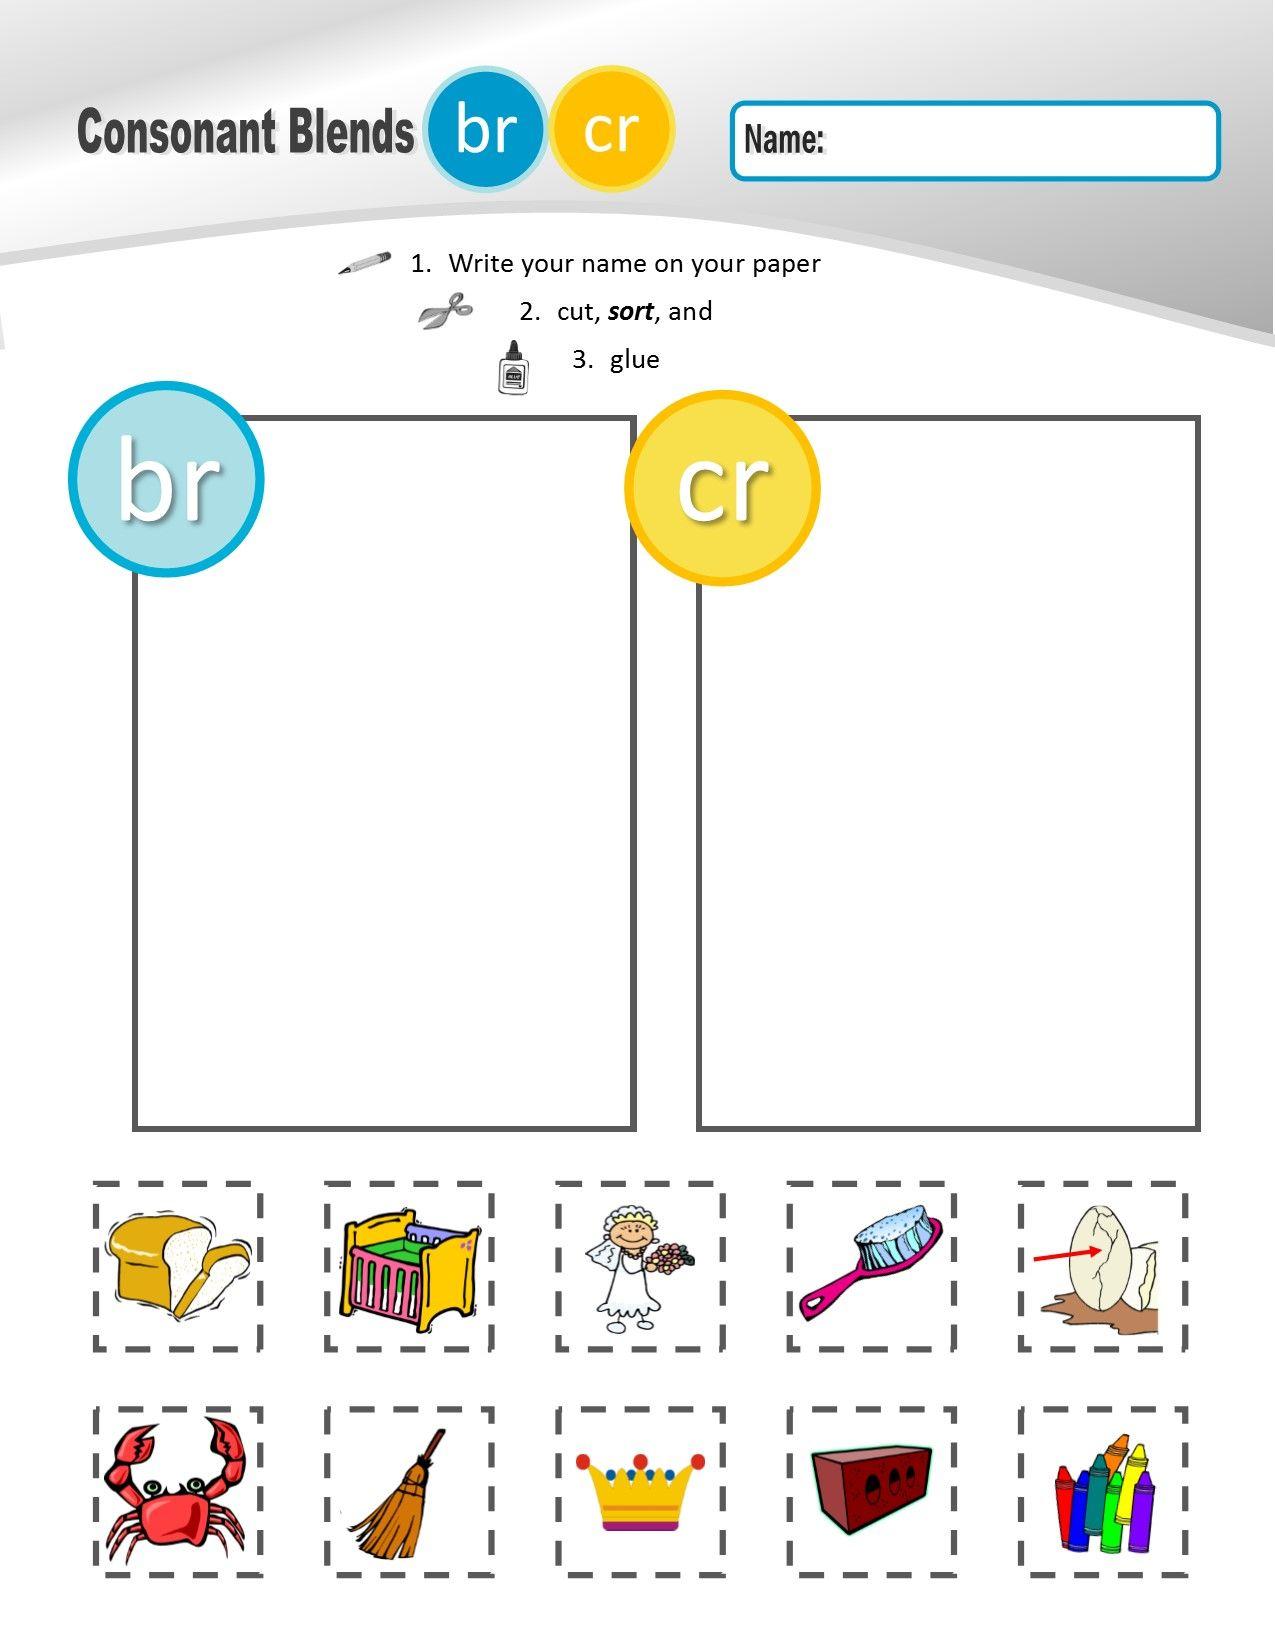 worksheet Fr Blend Worksheets r family clusters brcrdrfrgrprtr 1 of 4 phonemic awareness sorts